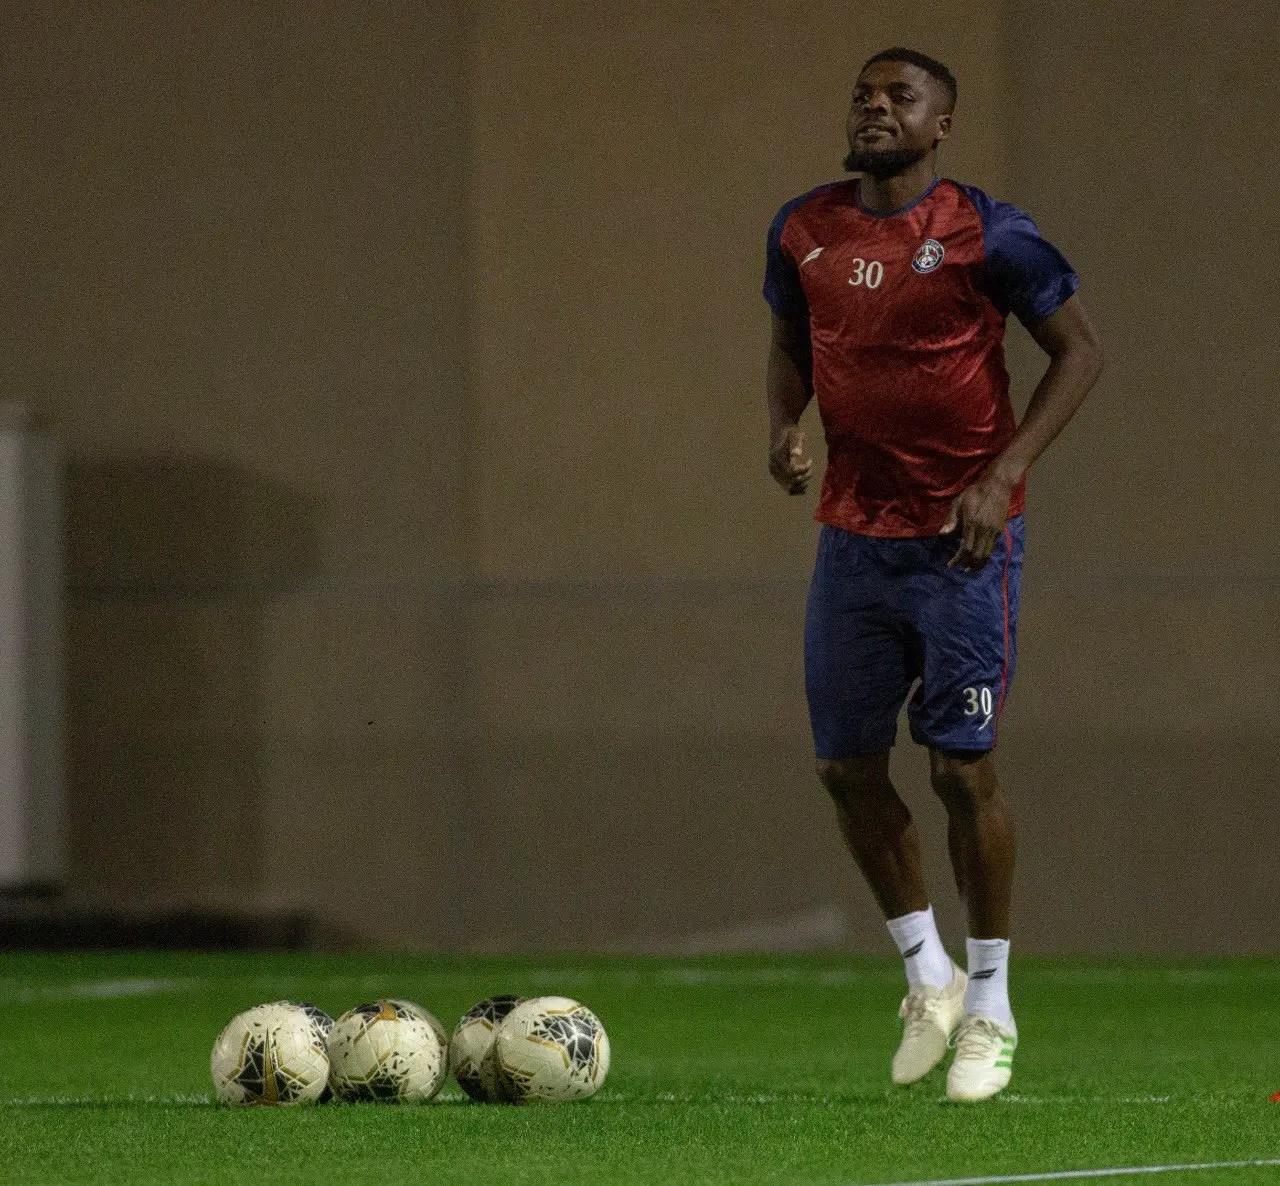 Saudi King Cup: Ogu Makes Debut As Al Adalah Lose To Musa's Al Nassr